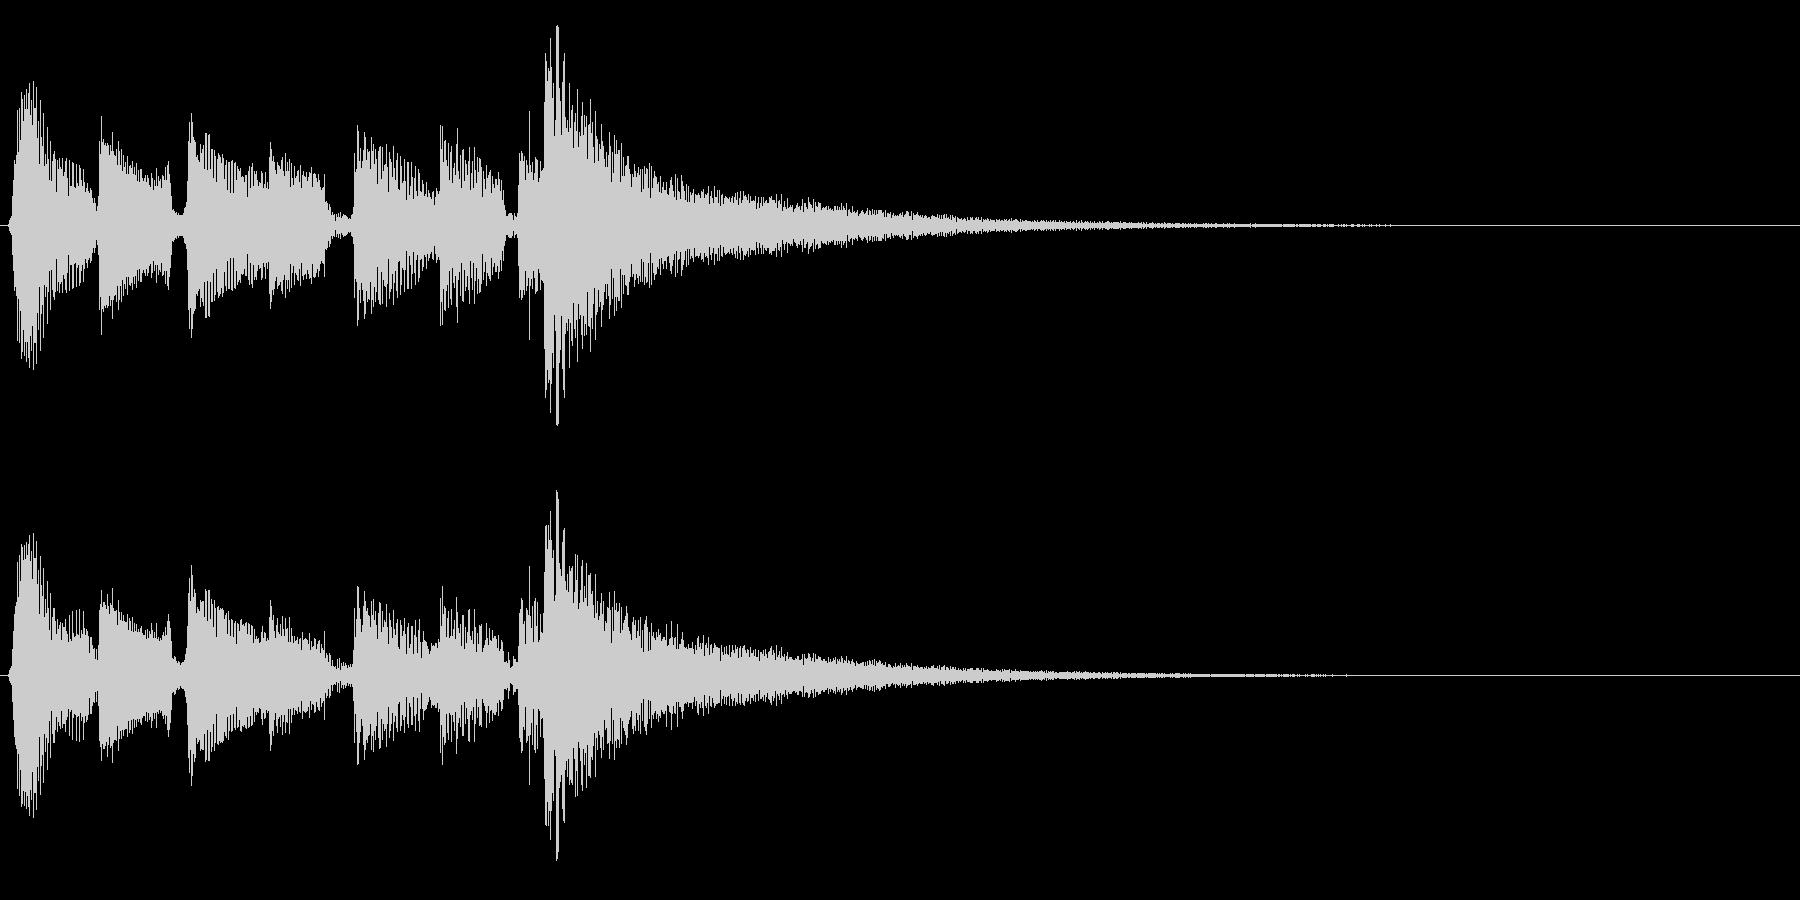 アコギ生音のジングル/おしゃれ6の未再生の波形